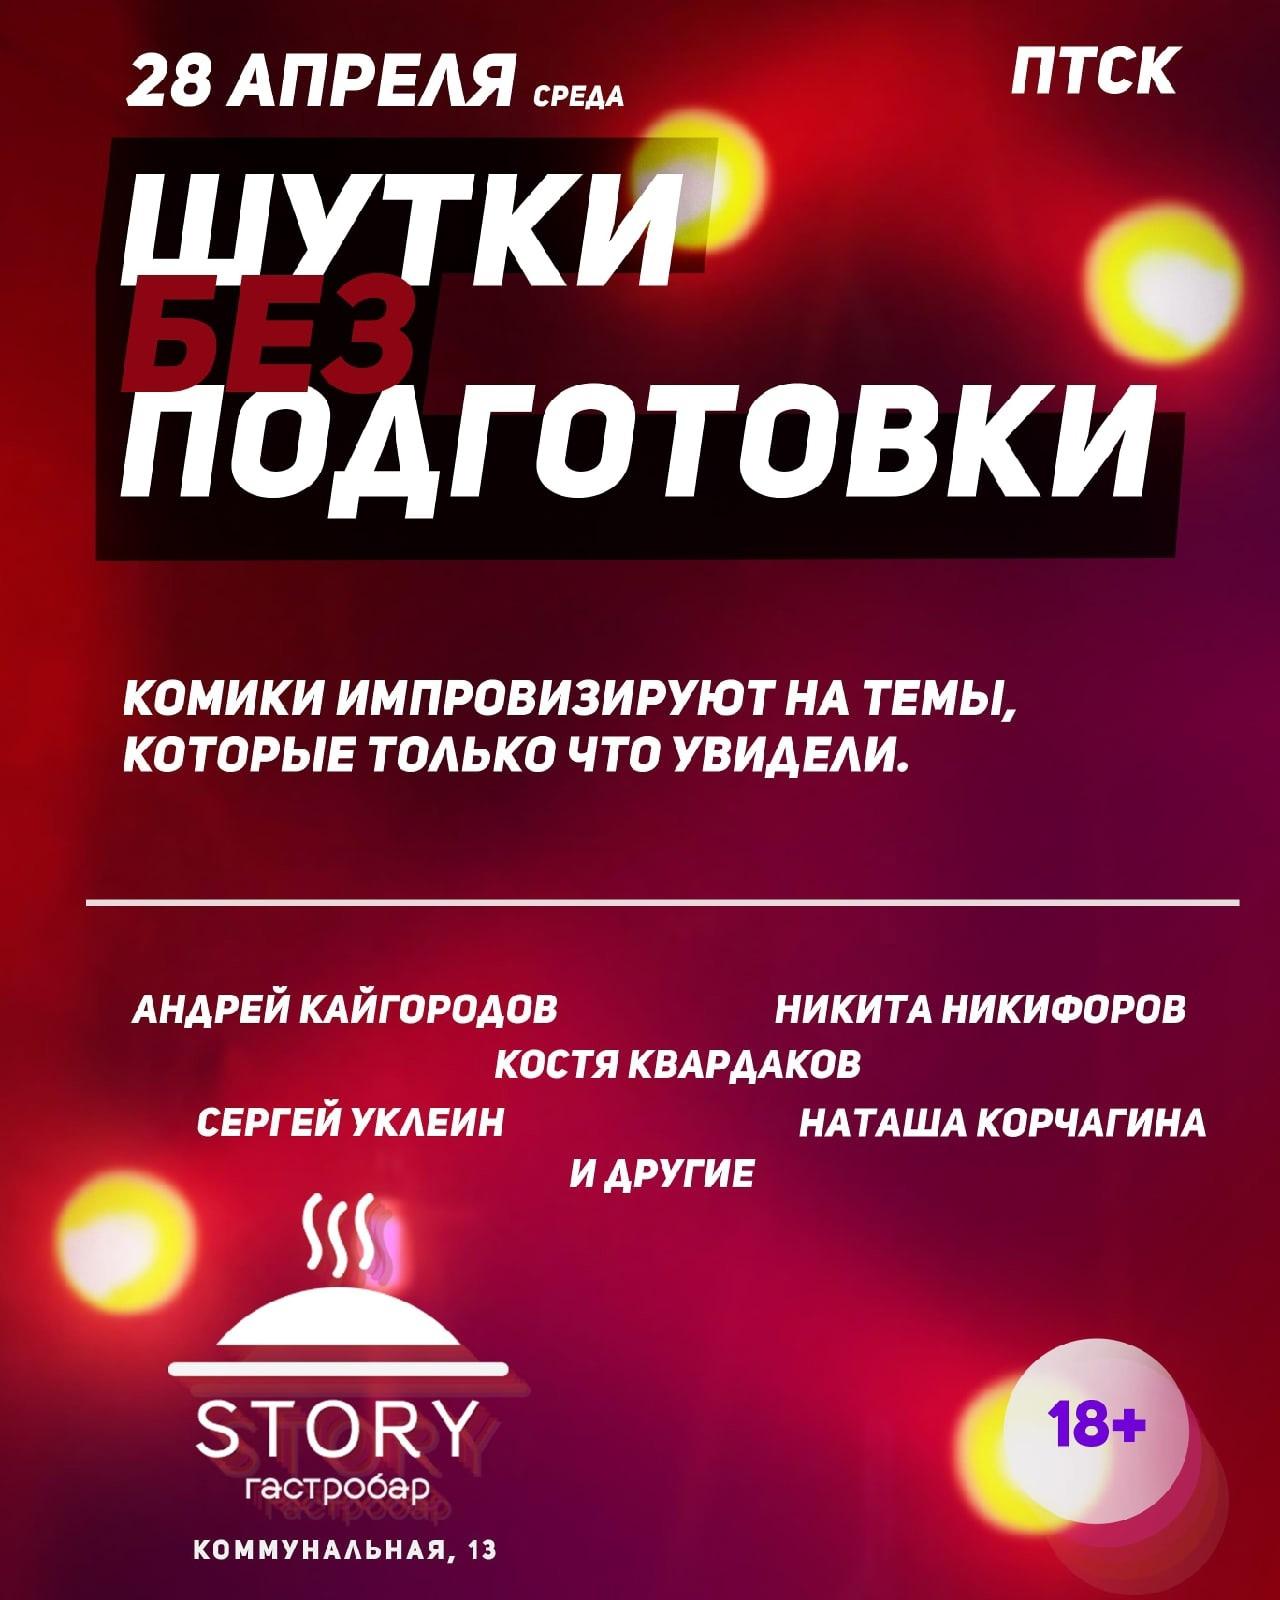 Закрытие фестиваля Рахманинова и много юмора: афиша тамбовских мероприятий. Часть 2